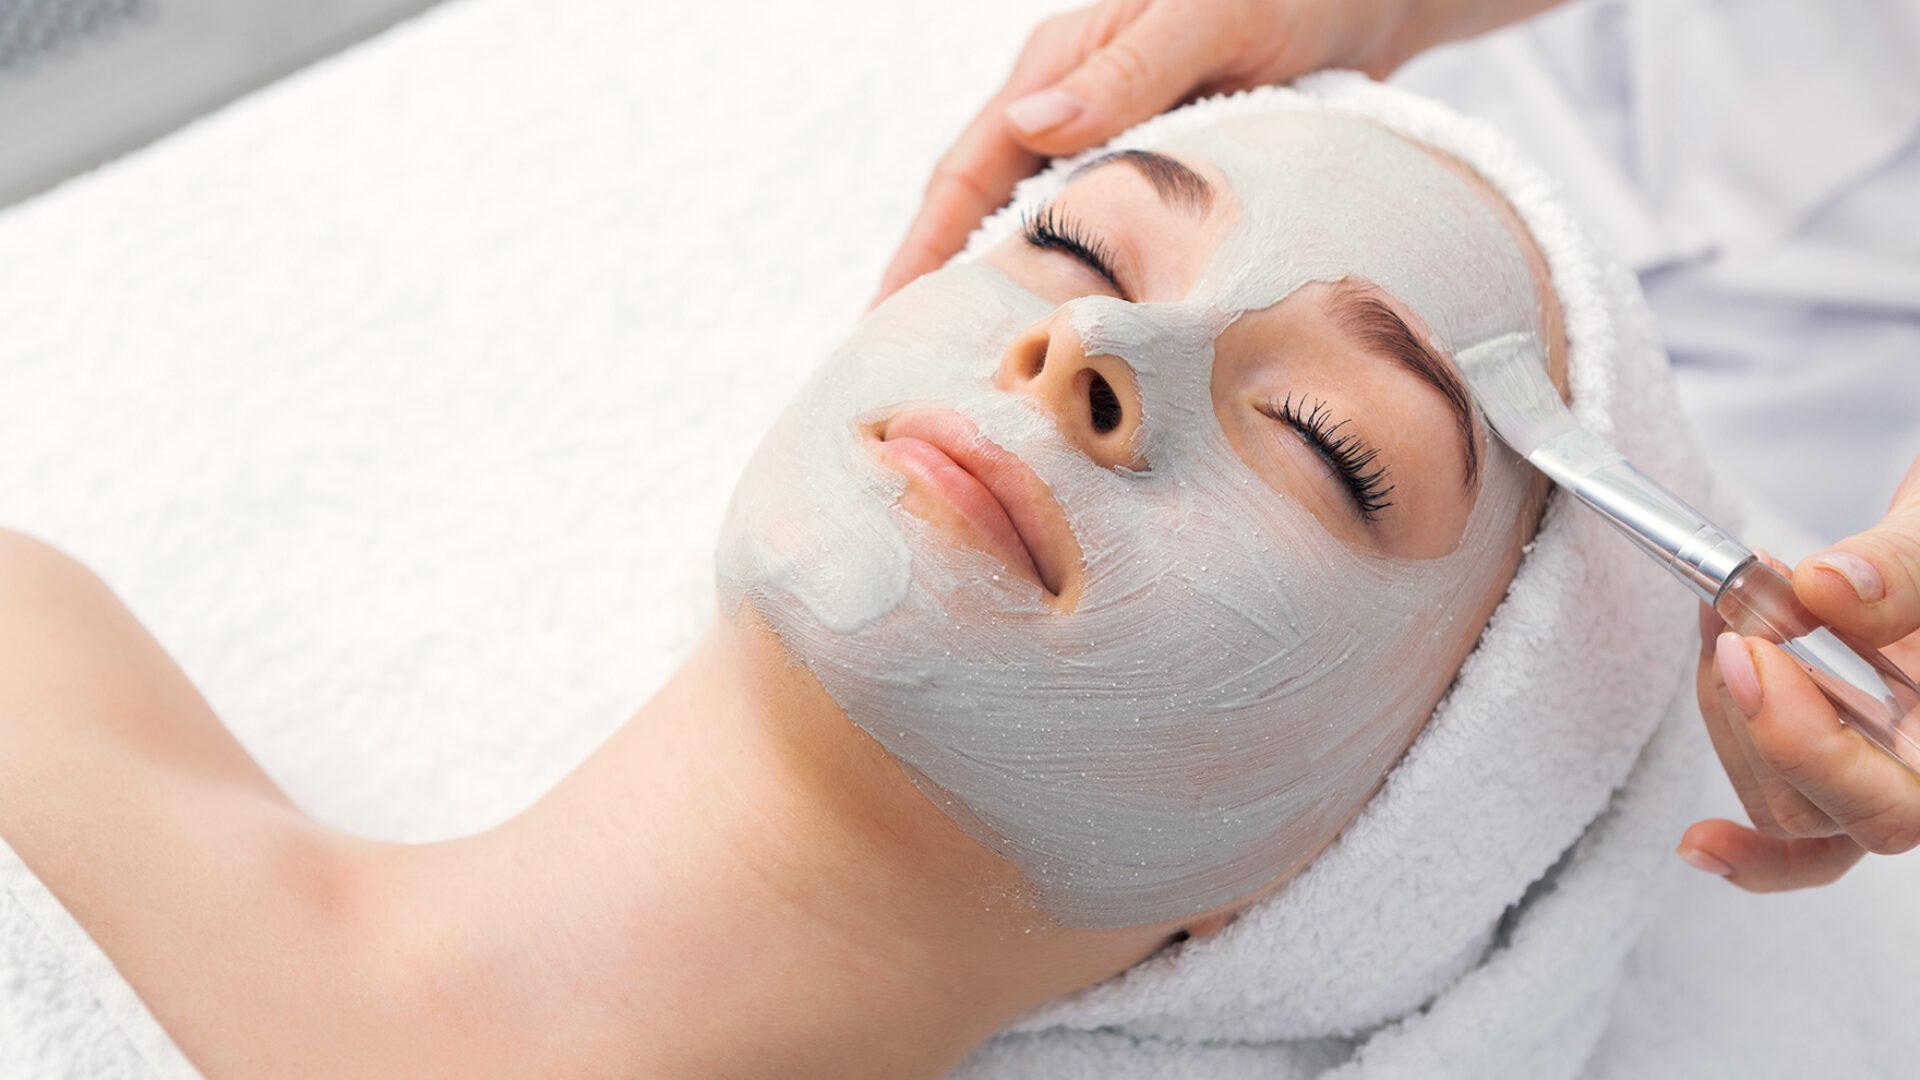 Patientin erhält ein Peeling im Gesicht.